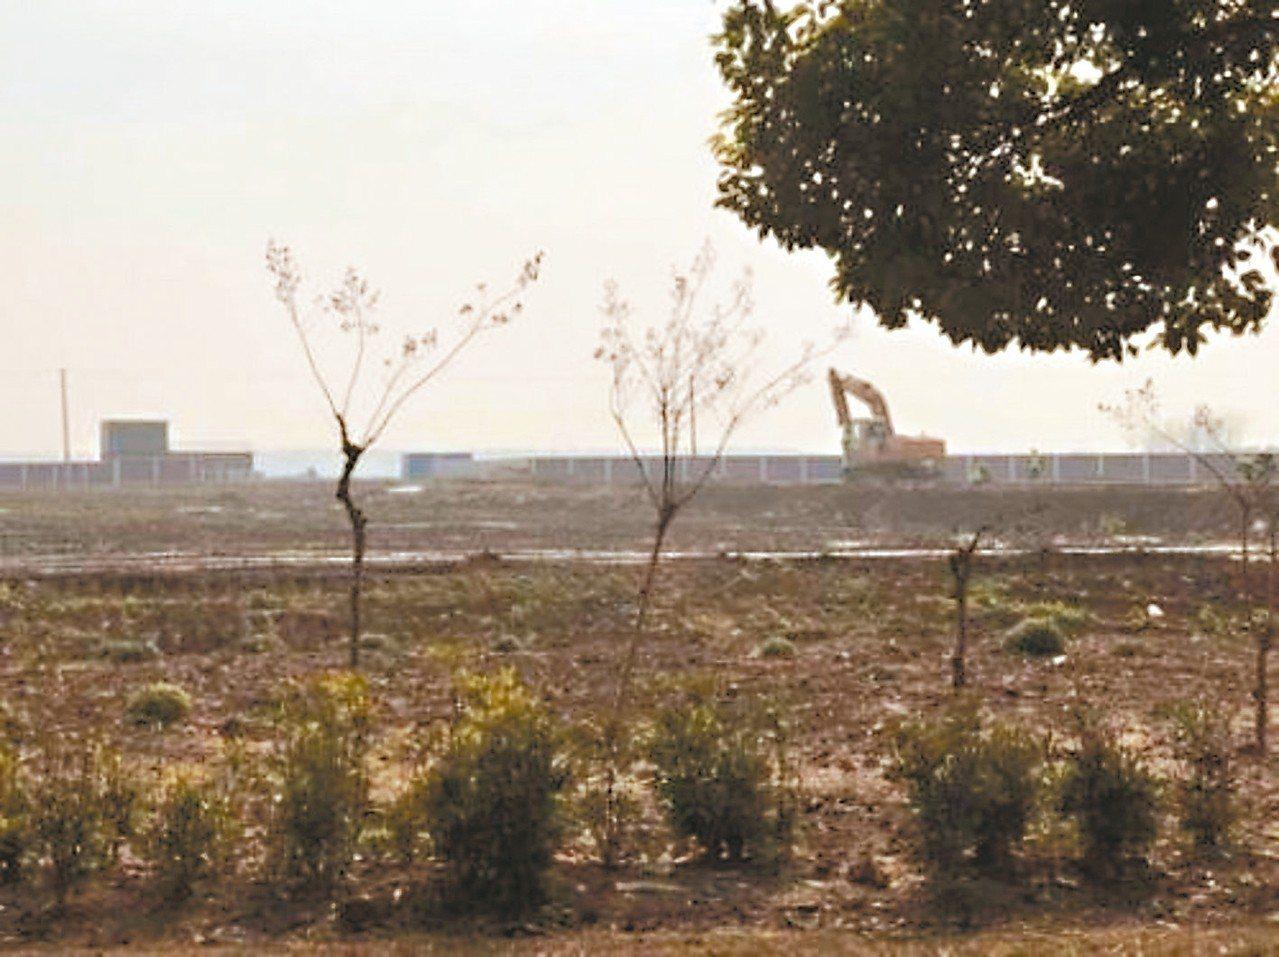 陸媒前往上海臨港探訪特斯拉超級工廠的建設進度。 (取自國際金融報)